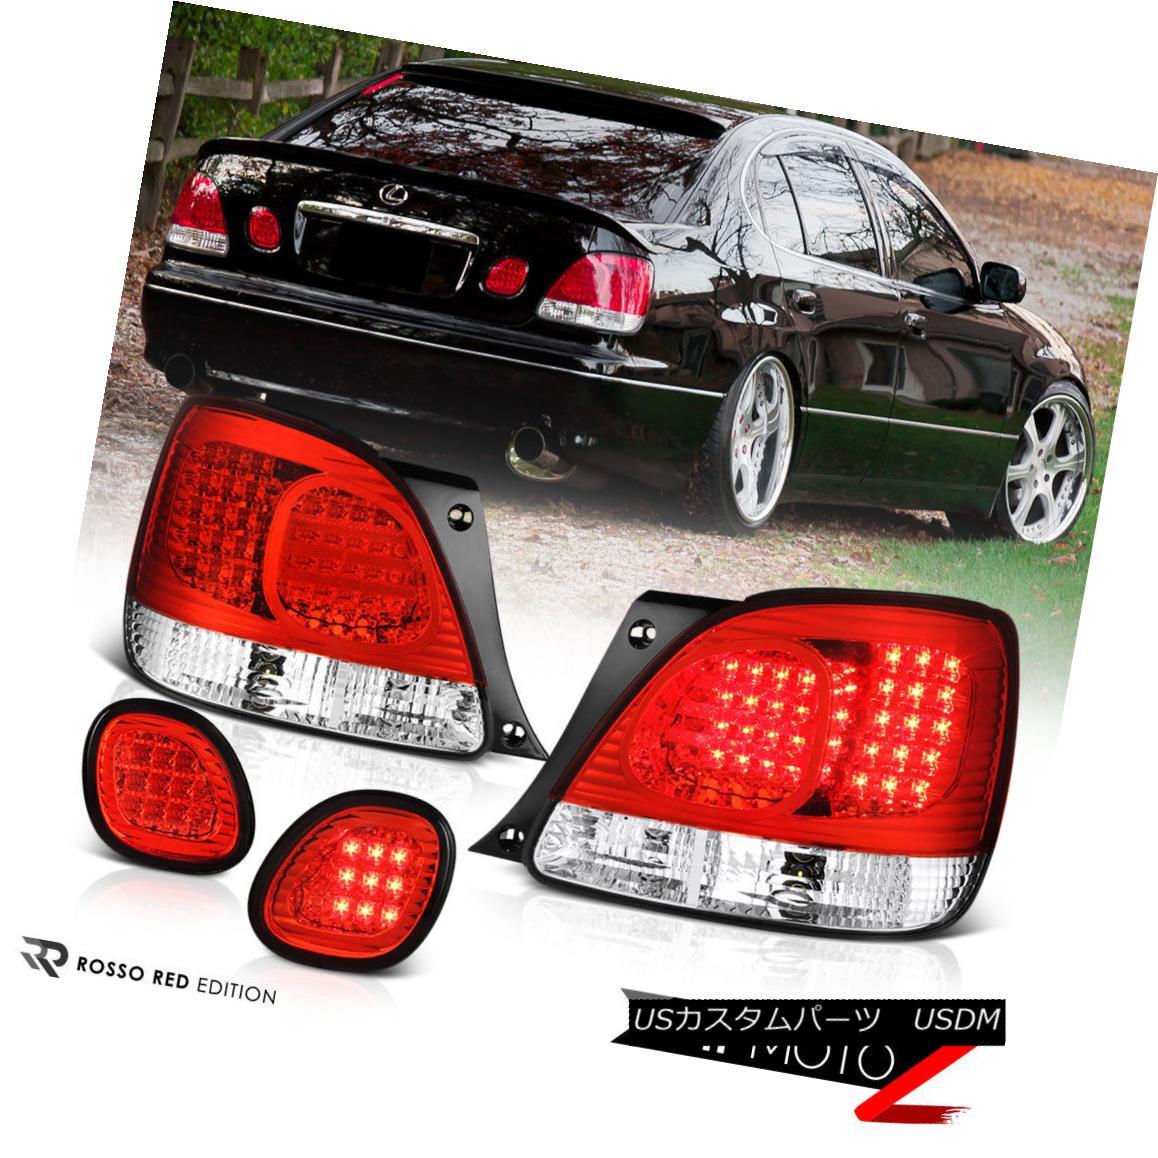 テールライト 98-05 GS300 2JZ JDM Aristo VIP Turbo RED/CLEAR LED Brake Signal Lamp Tail Light 98-05 GS300 2JZ JDM Aristo VIPターボRED / CLEAR LEDブレーキ信号ランプテールライト